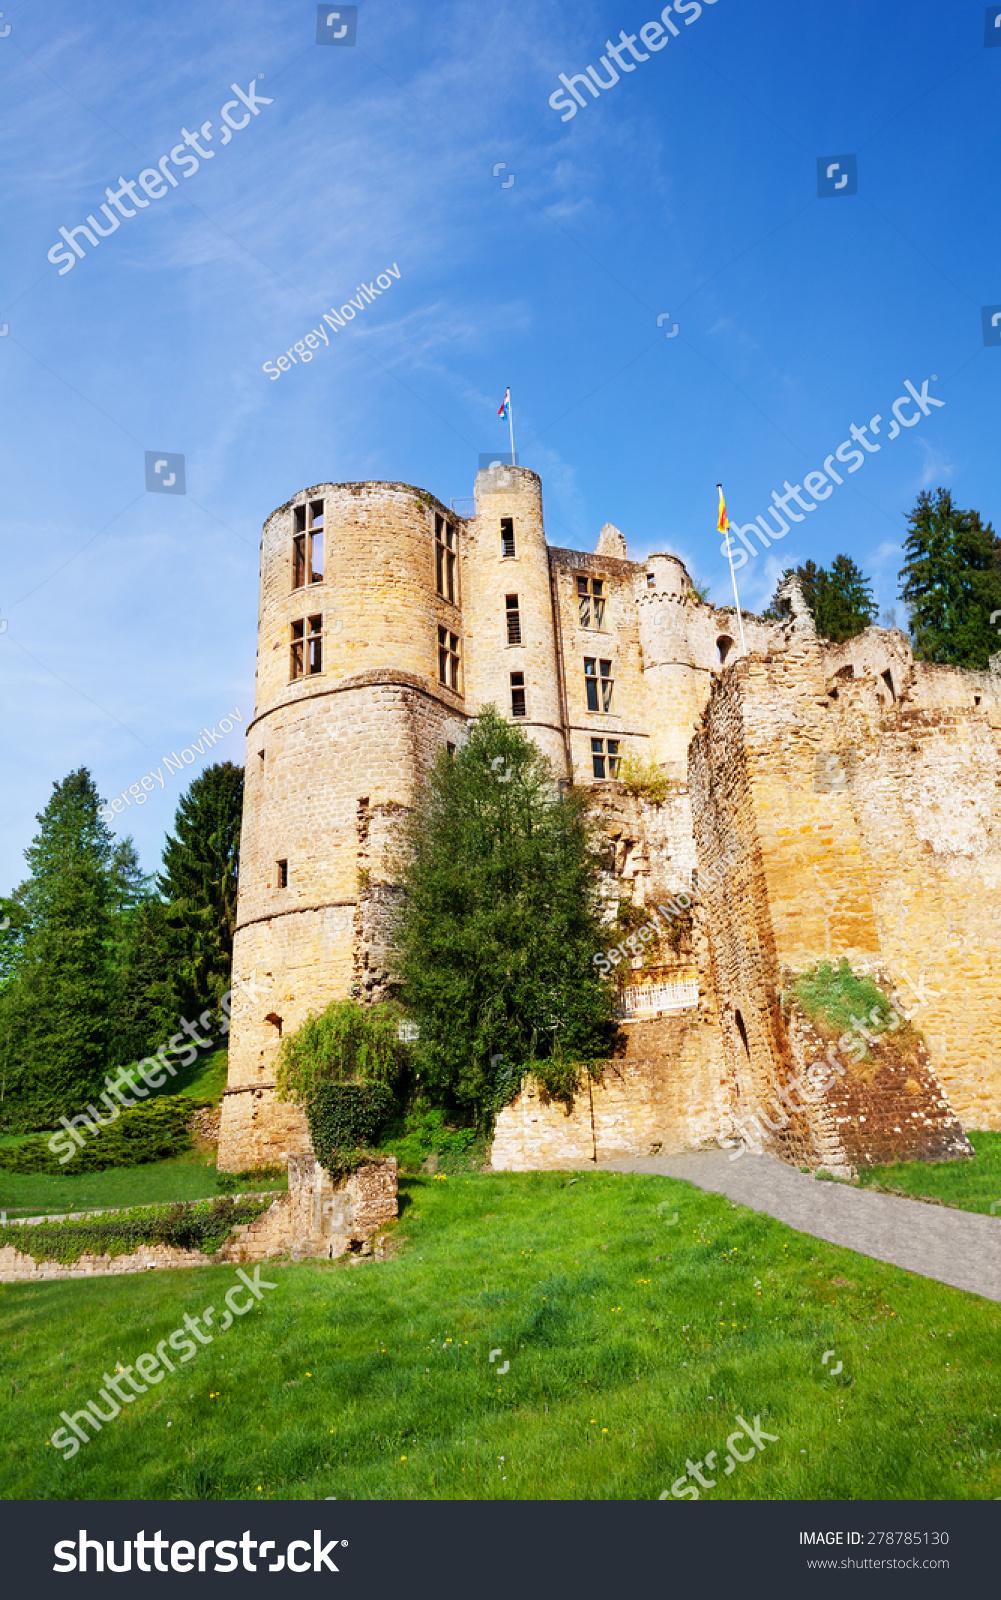 纸杯手工制作城堡